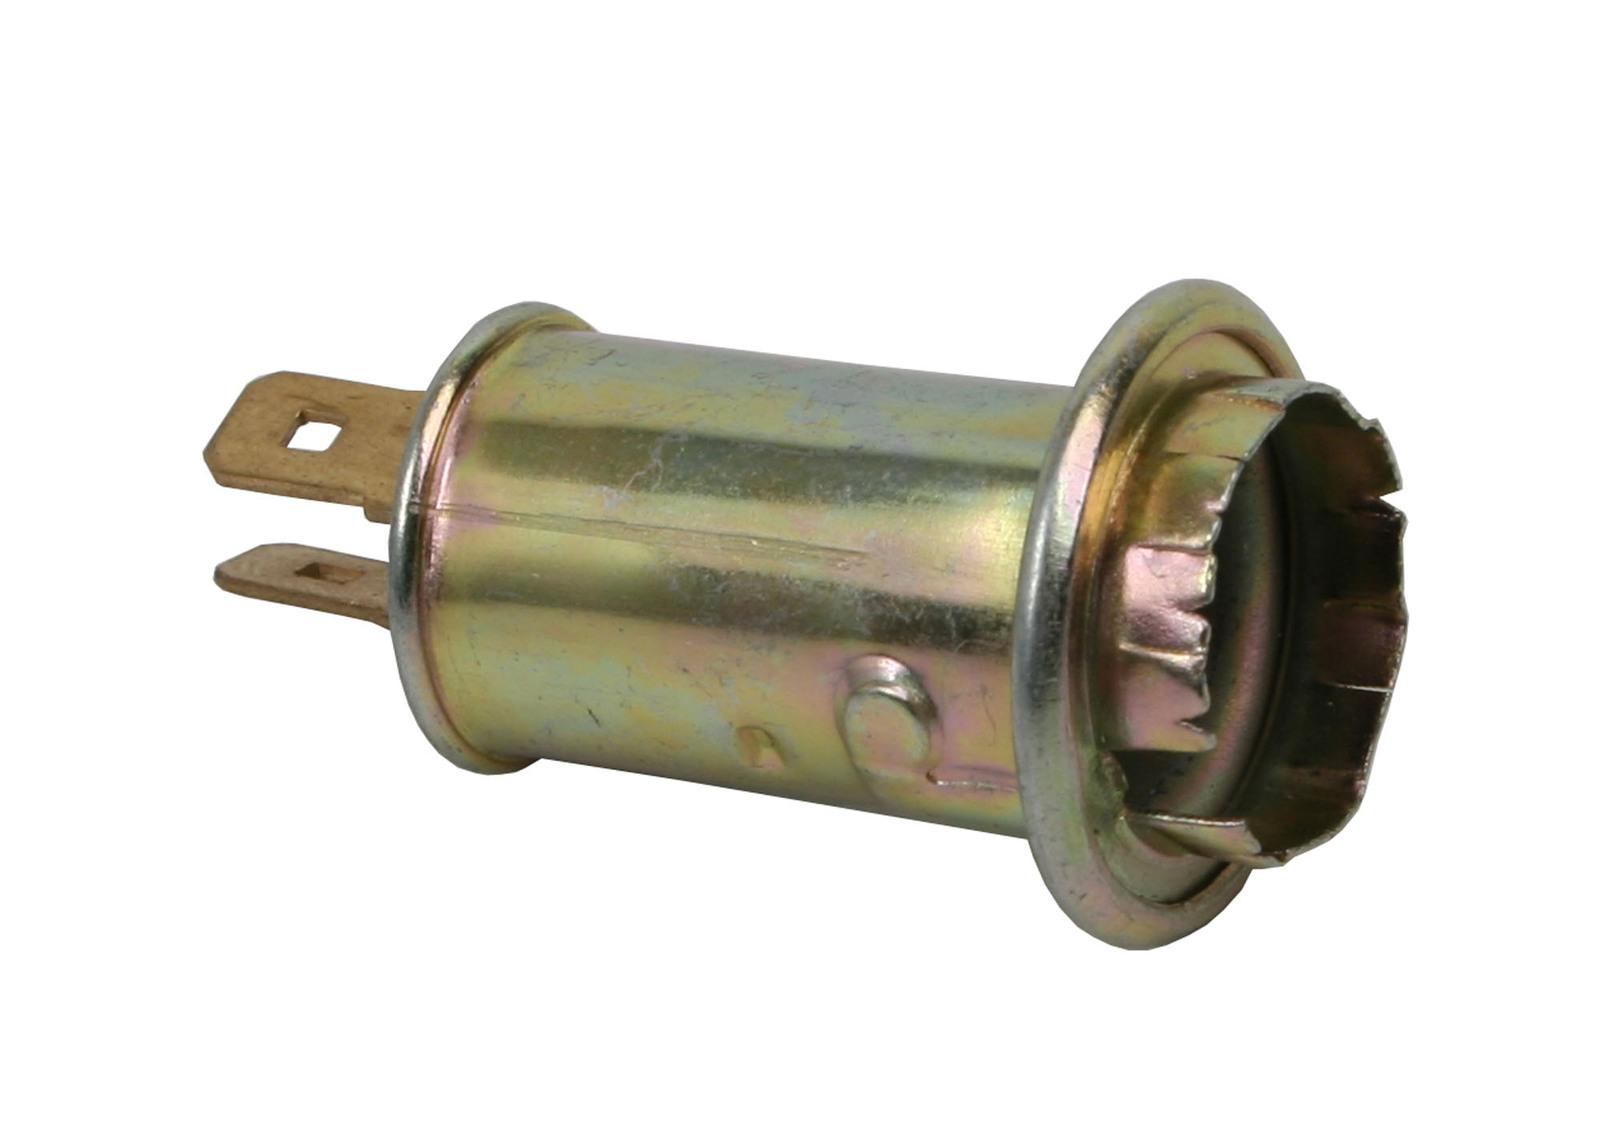 Ford Rear Stop Taillight Globe Socket Plug Xw Xy Zc Zd